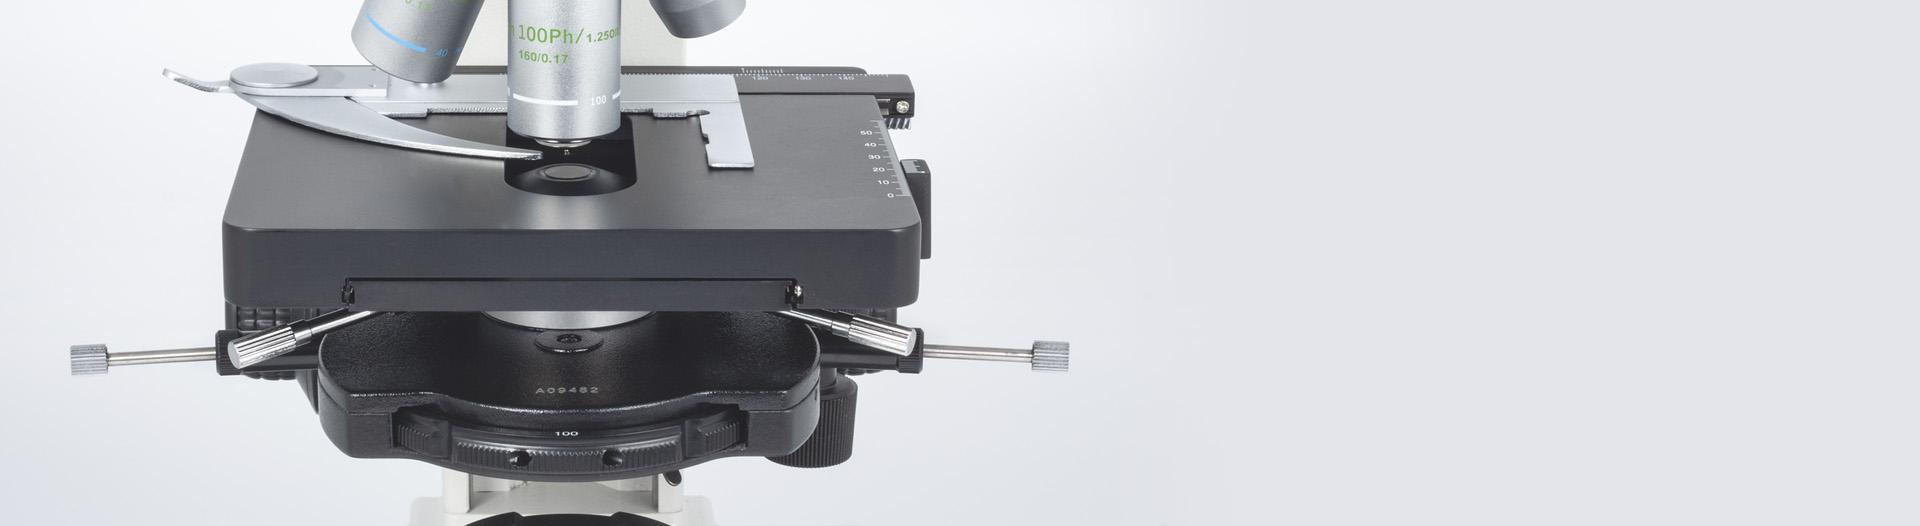 B3 microscope Contrast Methods